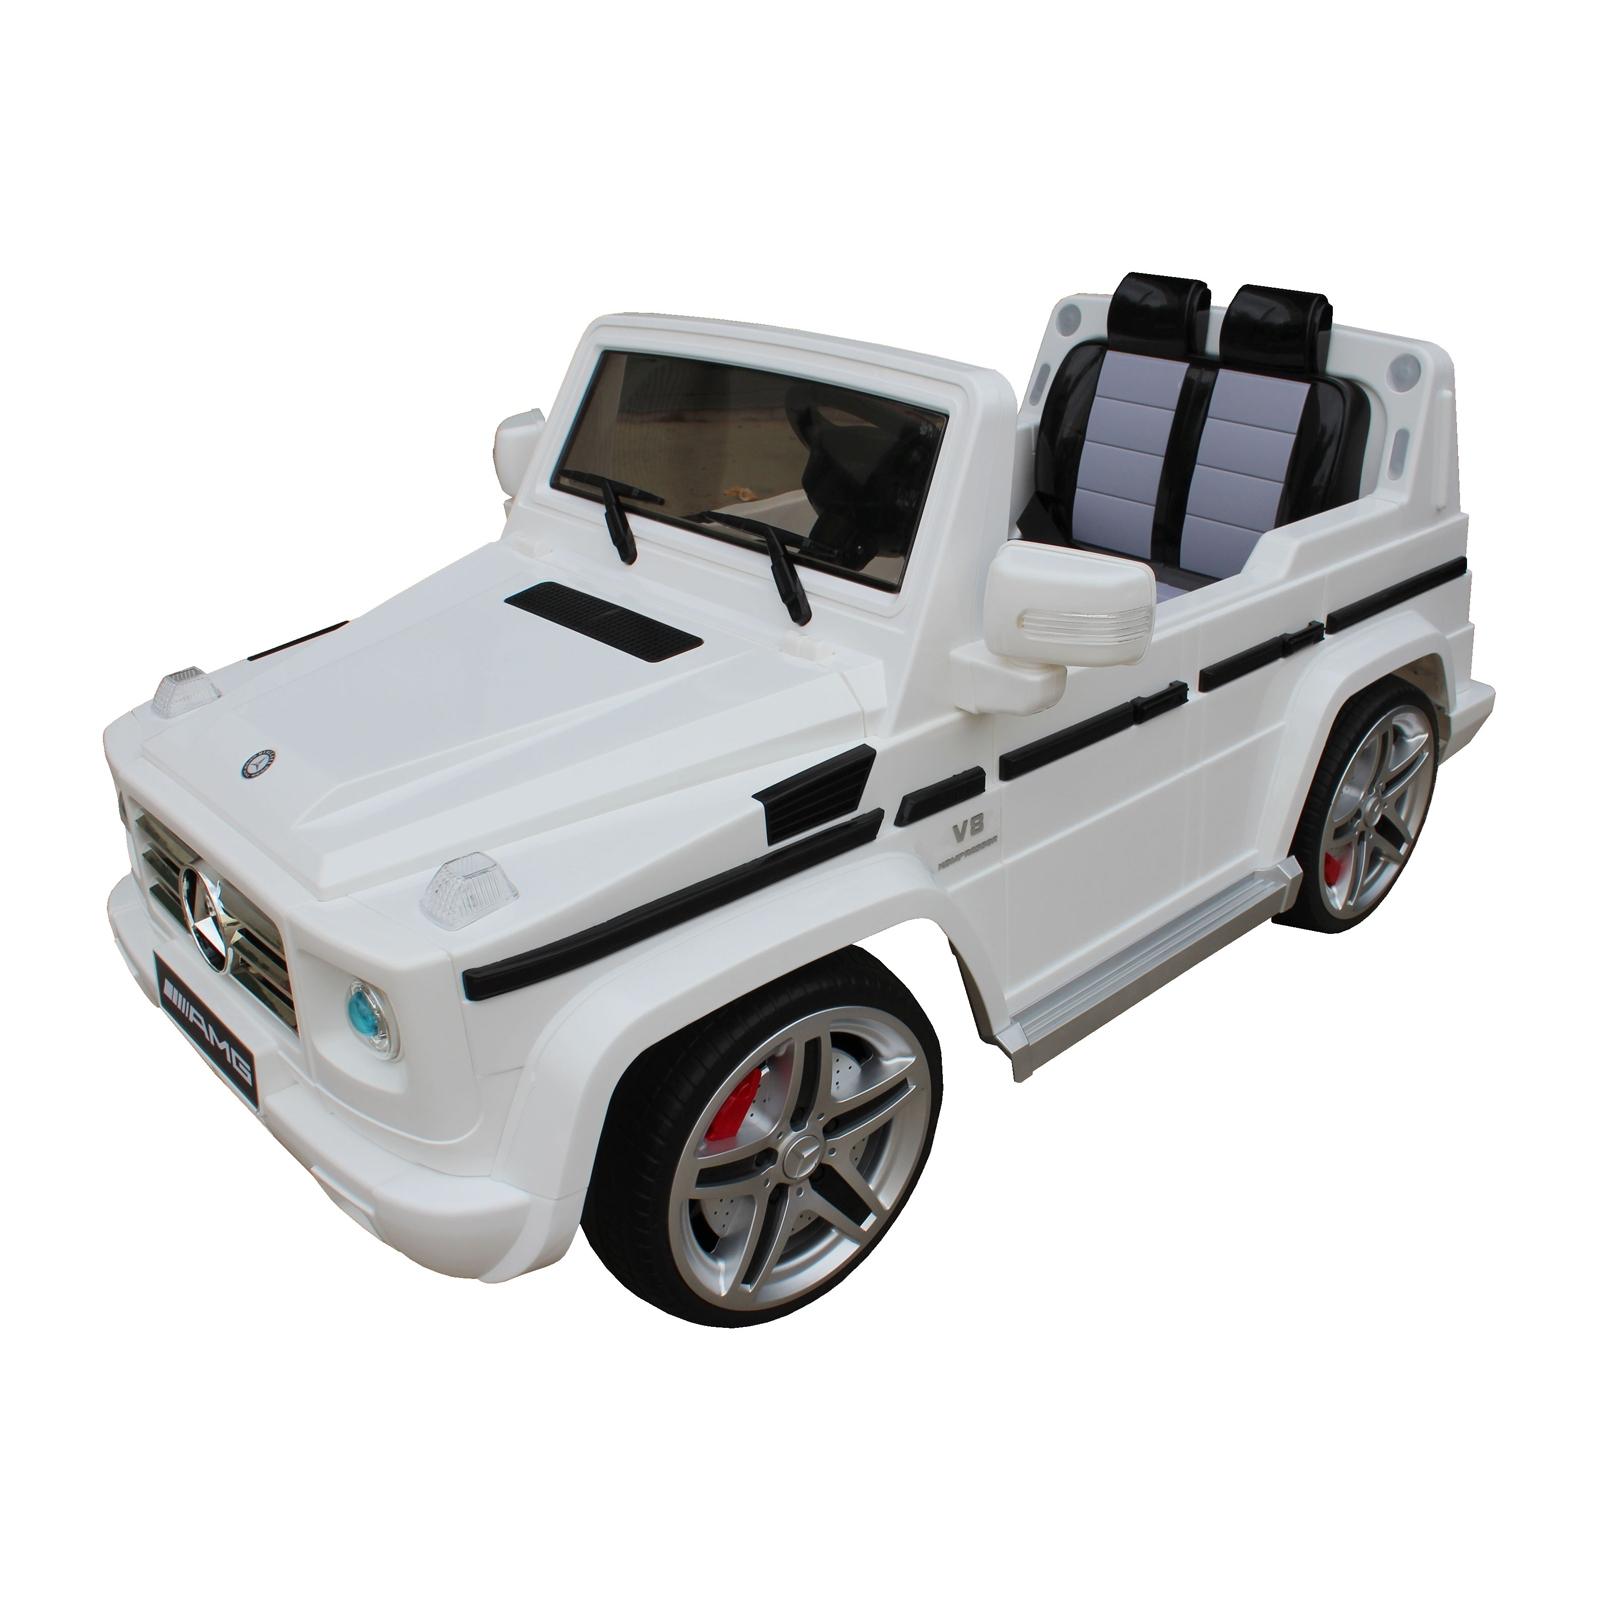 Mercedes Benz G55 12V Battery Power Ride On Car for Kids - White